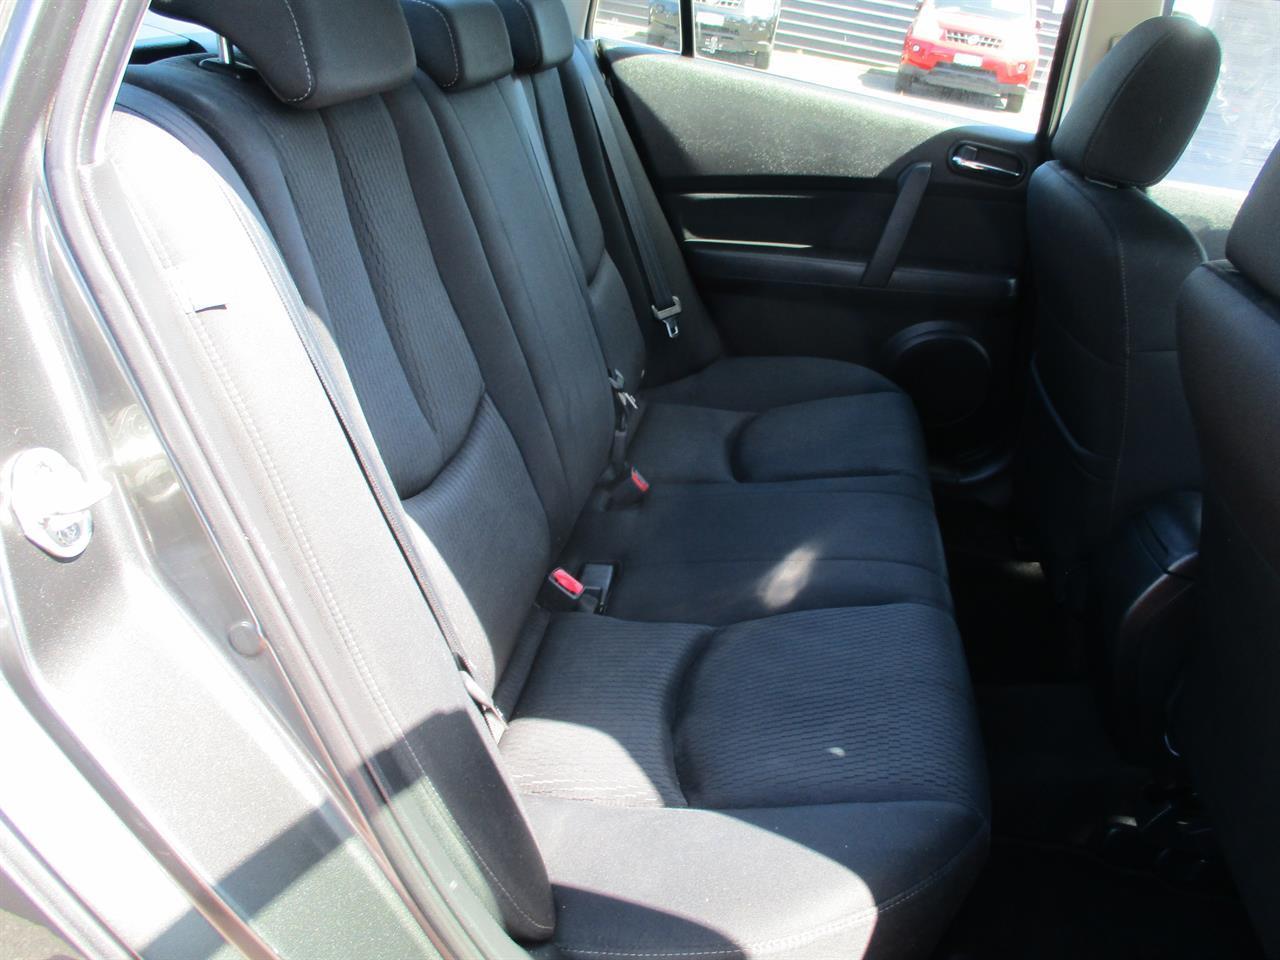 image-12, 2011 Mazda Mazda6 N GLX 2.0 5AT at Dunedin